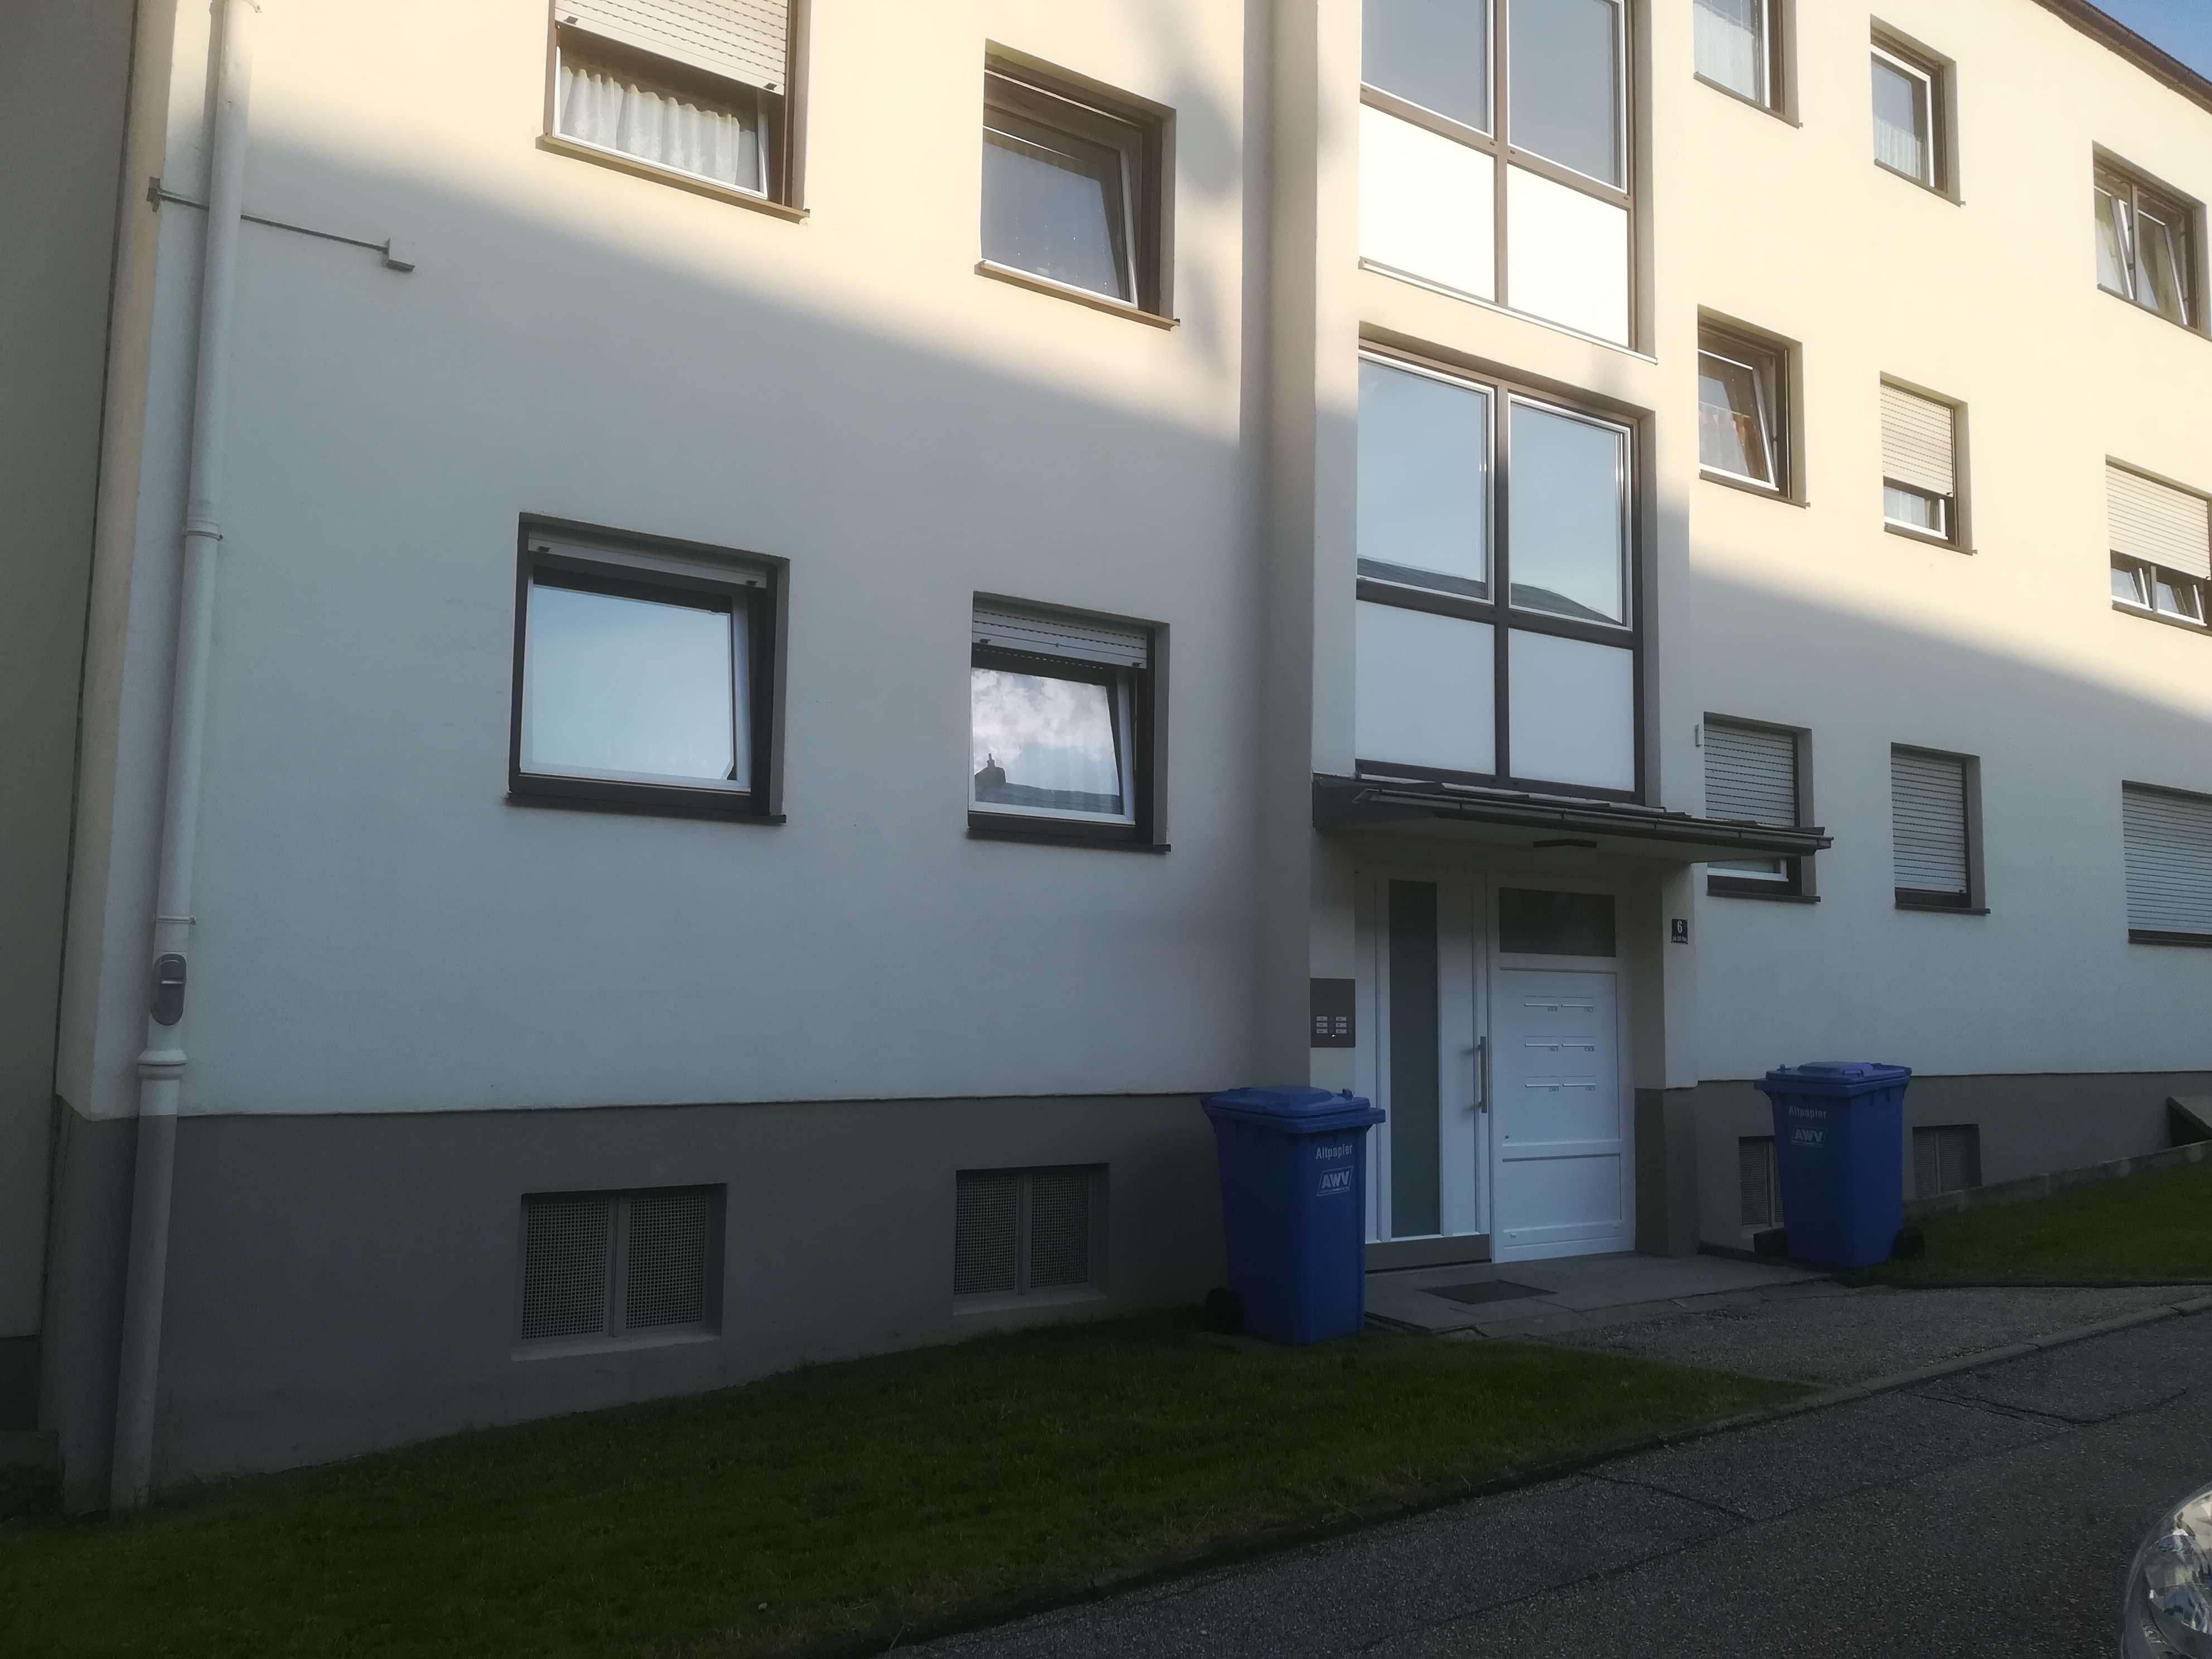 Schönes, möbliertes Appartement in Stadtlage Eggenfelden in Eggenfelden